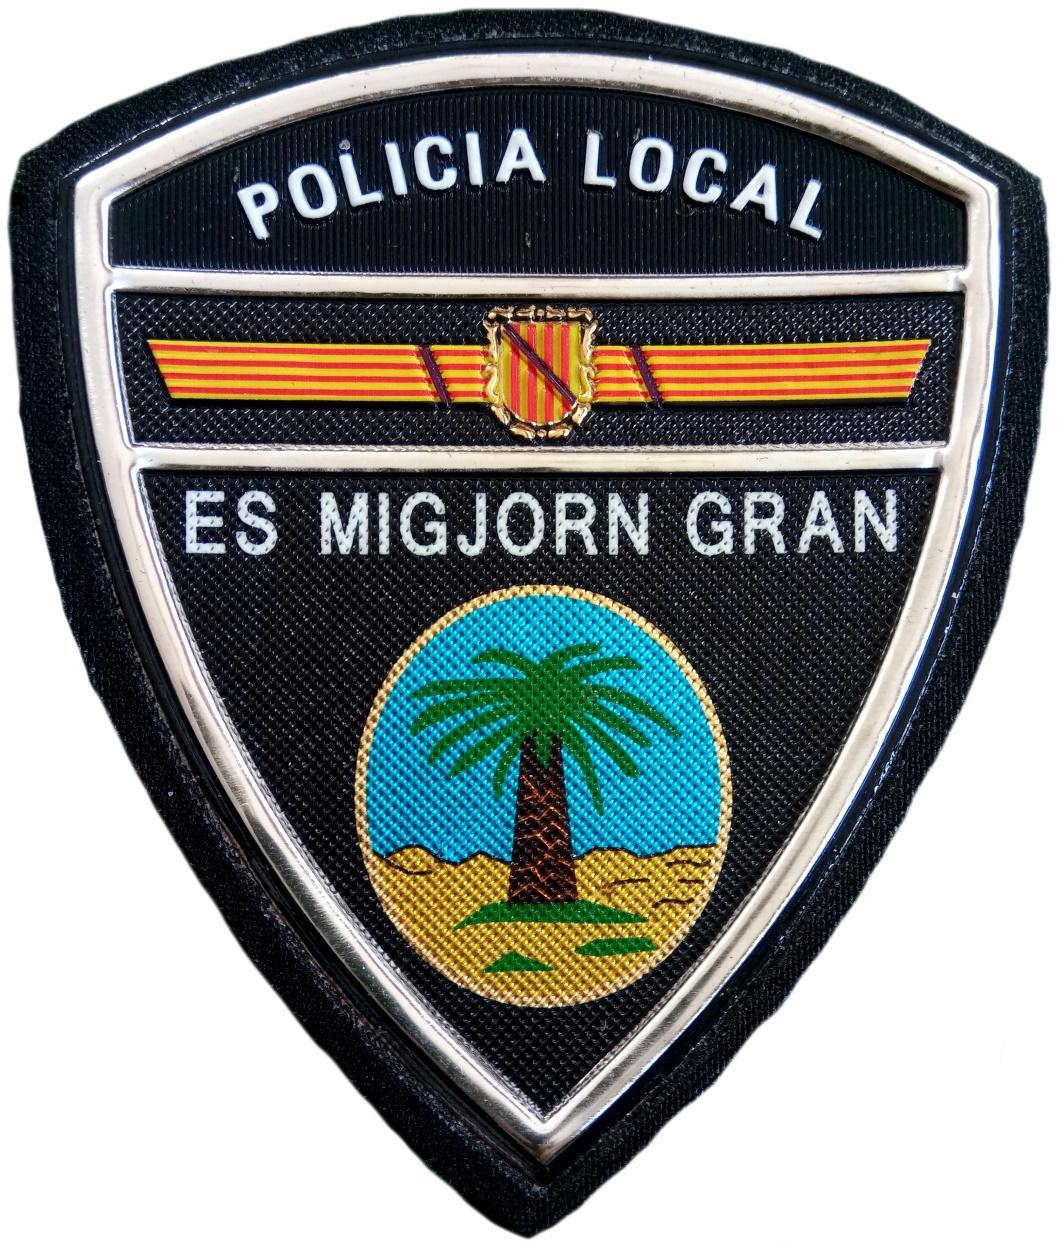 Policía Local Es Migjorn Gran parche insignia emblema distintivo